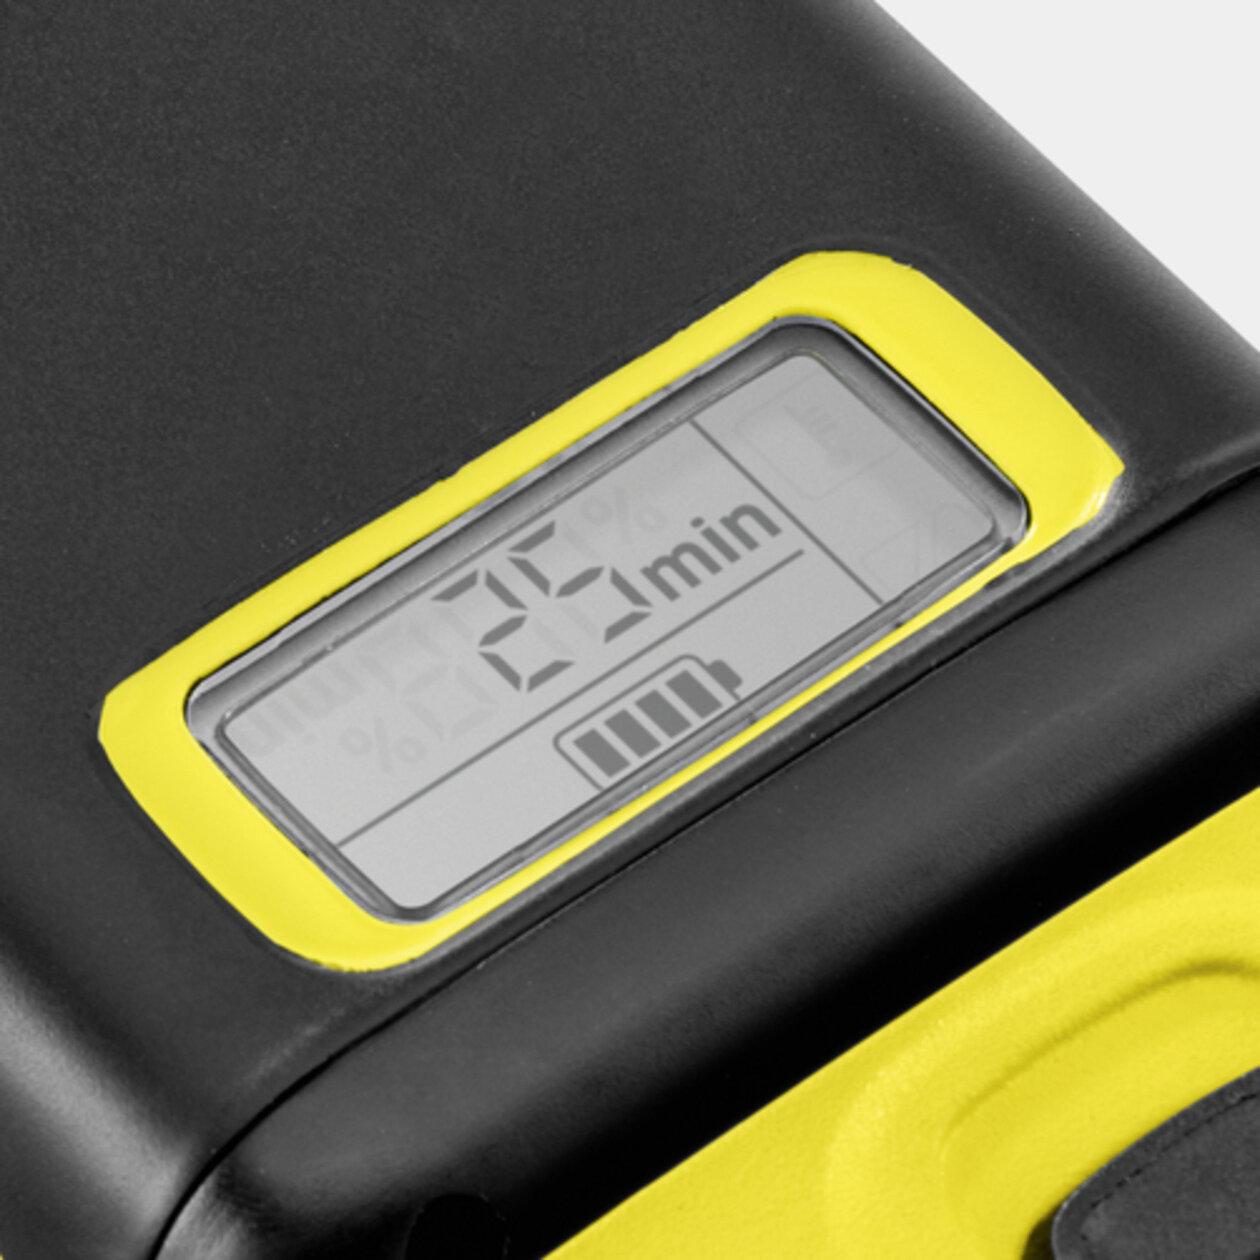 Baterie 36V / 2,5Ah: Inovativní Real Time Technology